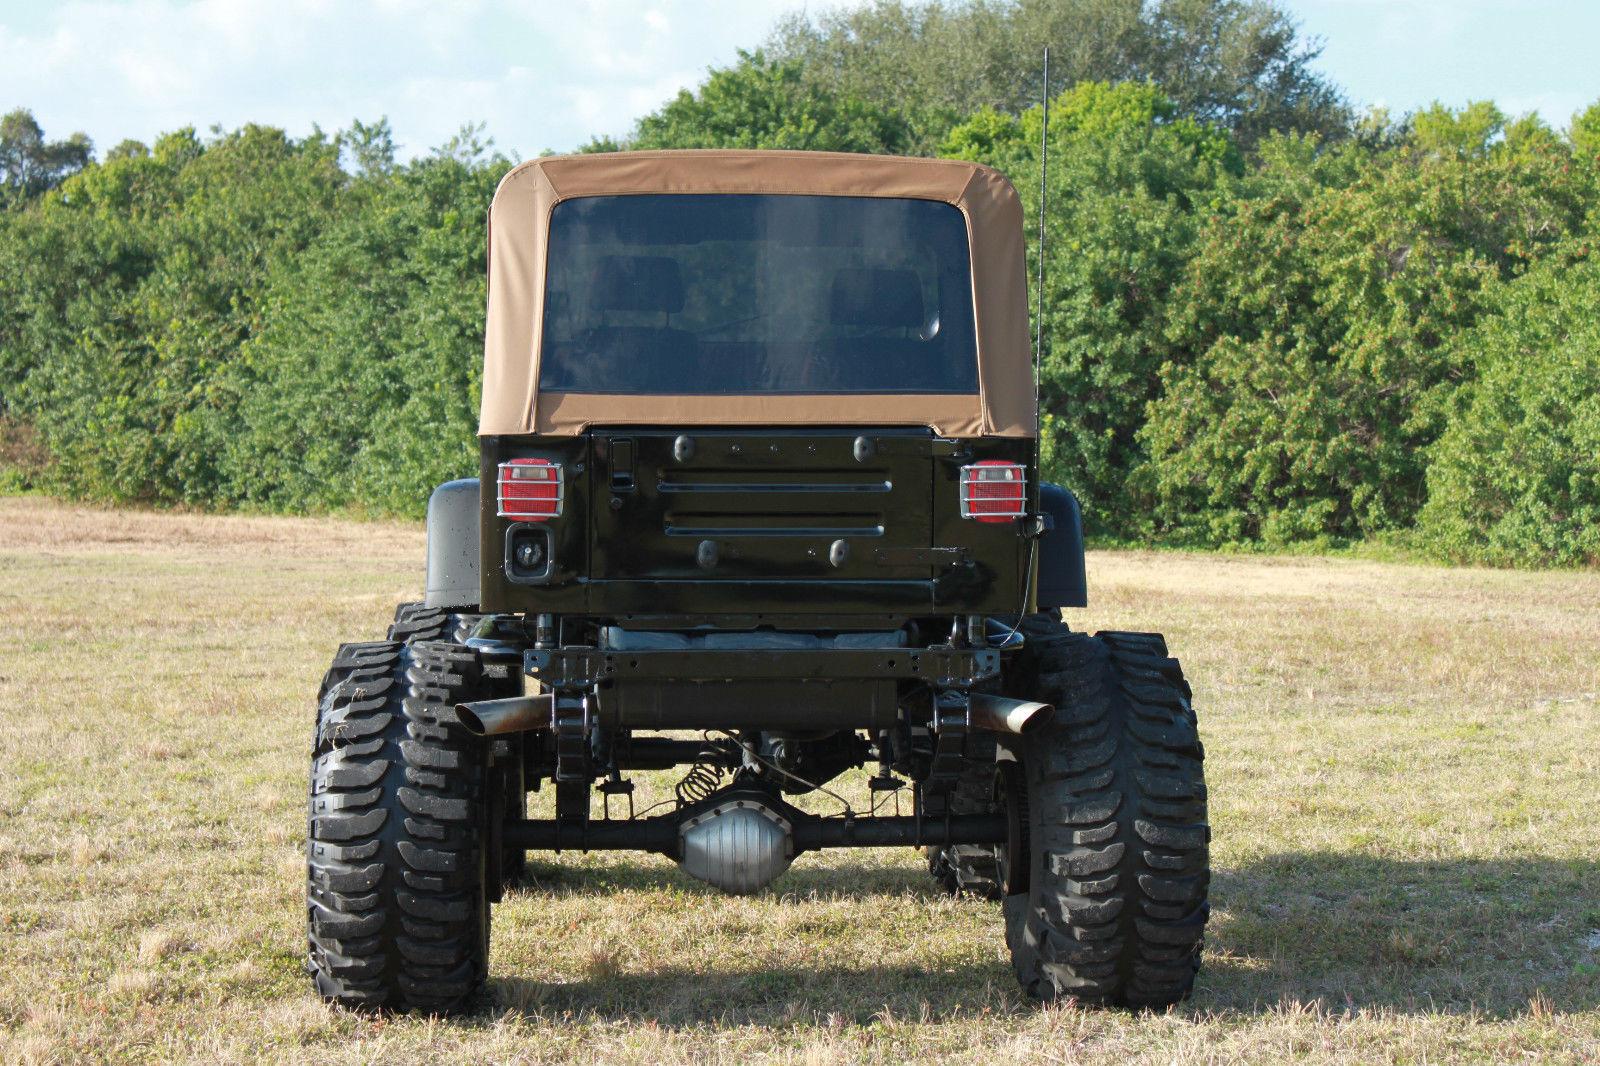 1993 Lifted Jeep Wrangler 383 Stroker Monster 44